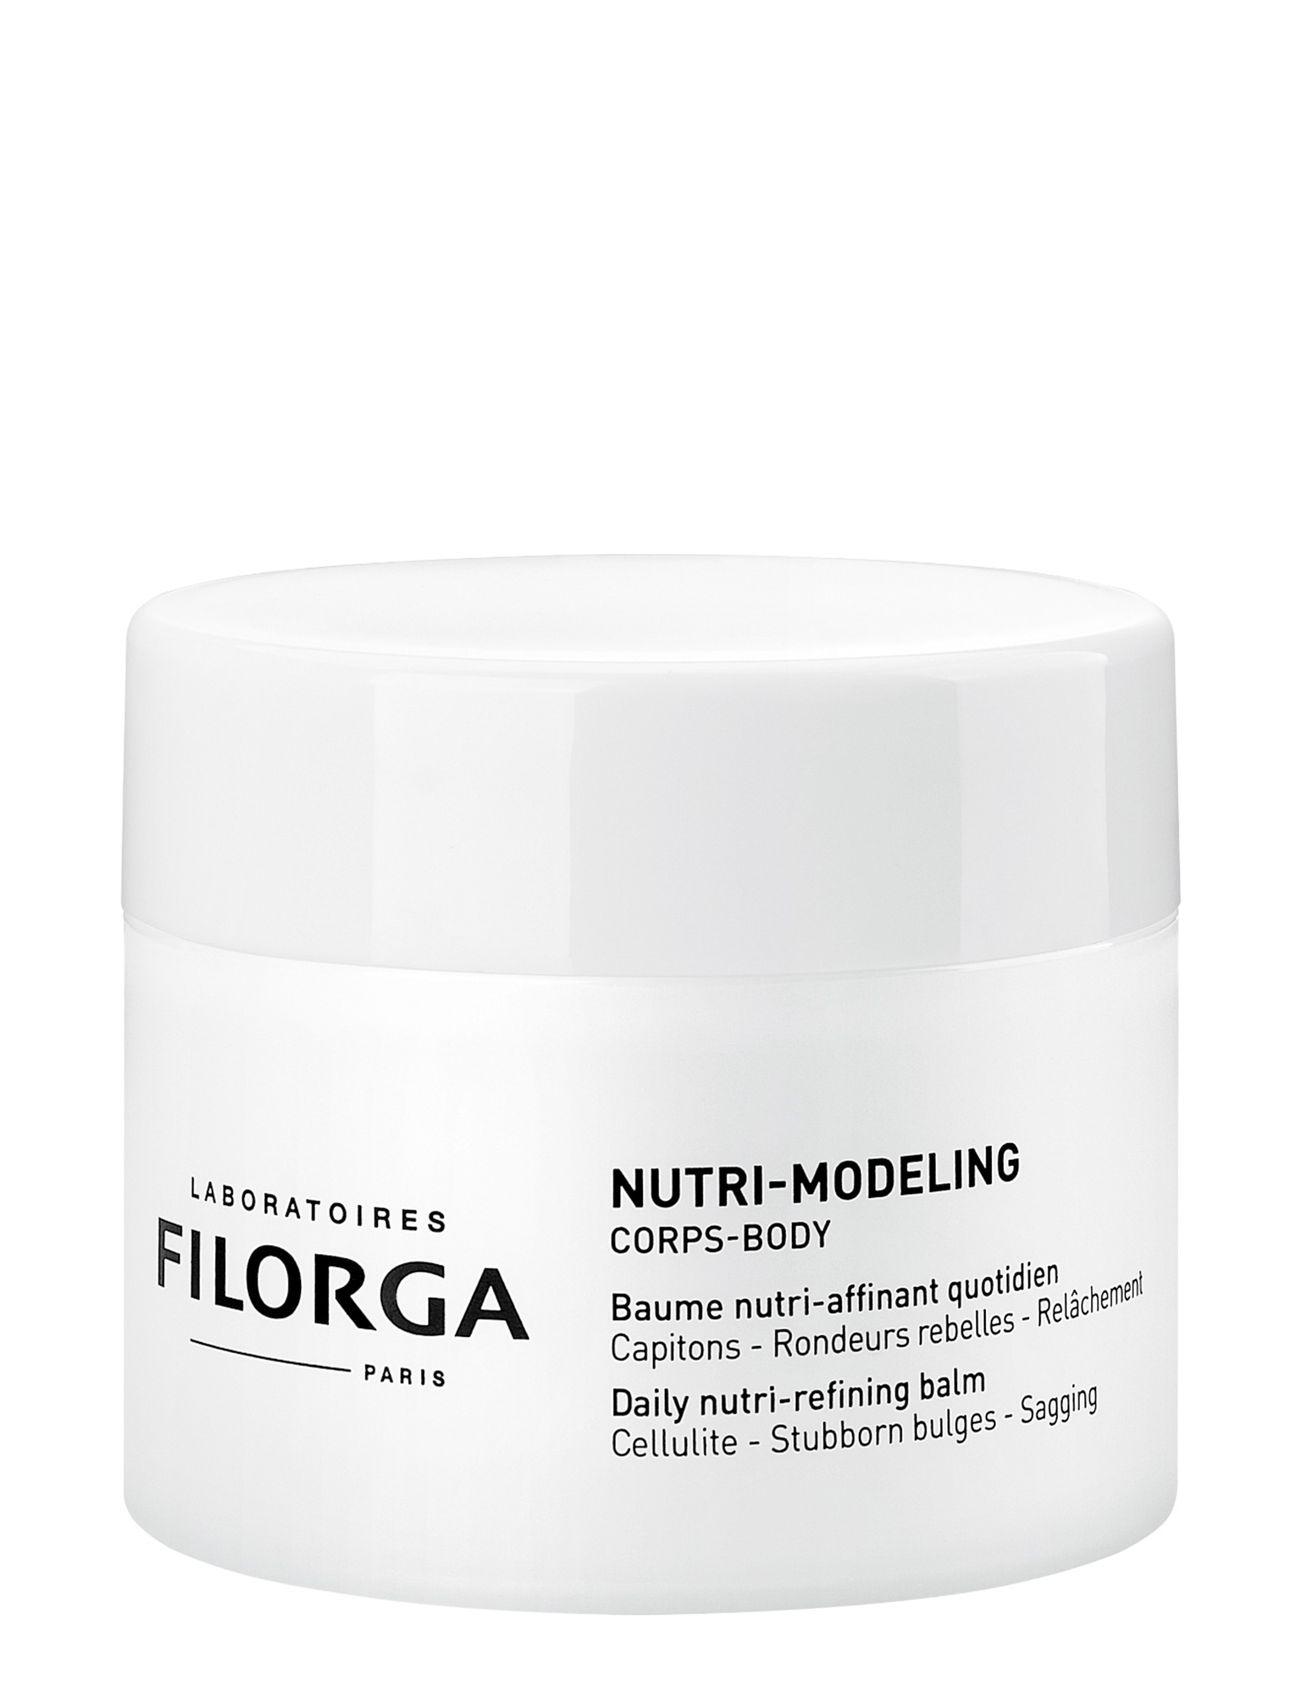 Image of Nutri-Modeling Beauty WOMEN Skin Care Body Nude Filorga (3264706645)